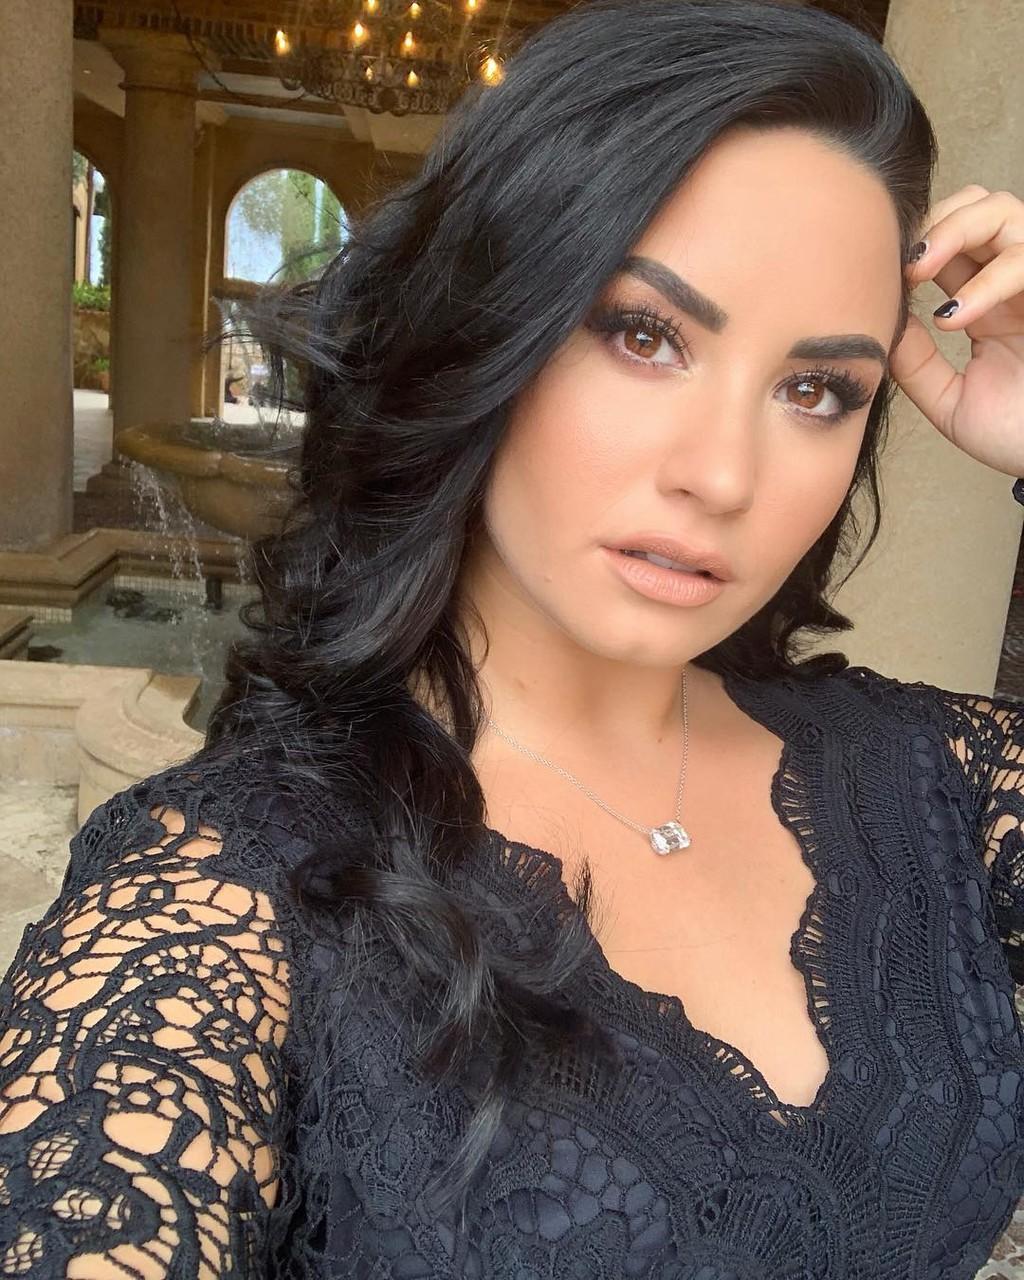 Demi Lovato protagoniza uno de los cambios de look más radicales de la primavera #source%3Dgooglier%2Ecom#https%3A%2F%2Fgooglier%2Ecom%2Fpage%2F2019_04_14%2F246618